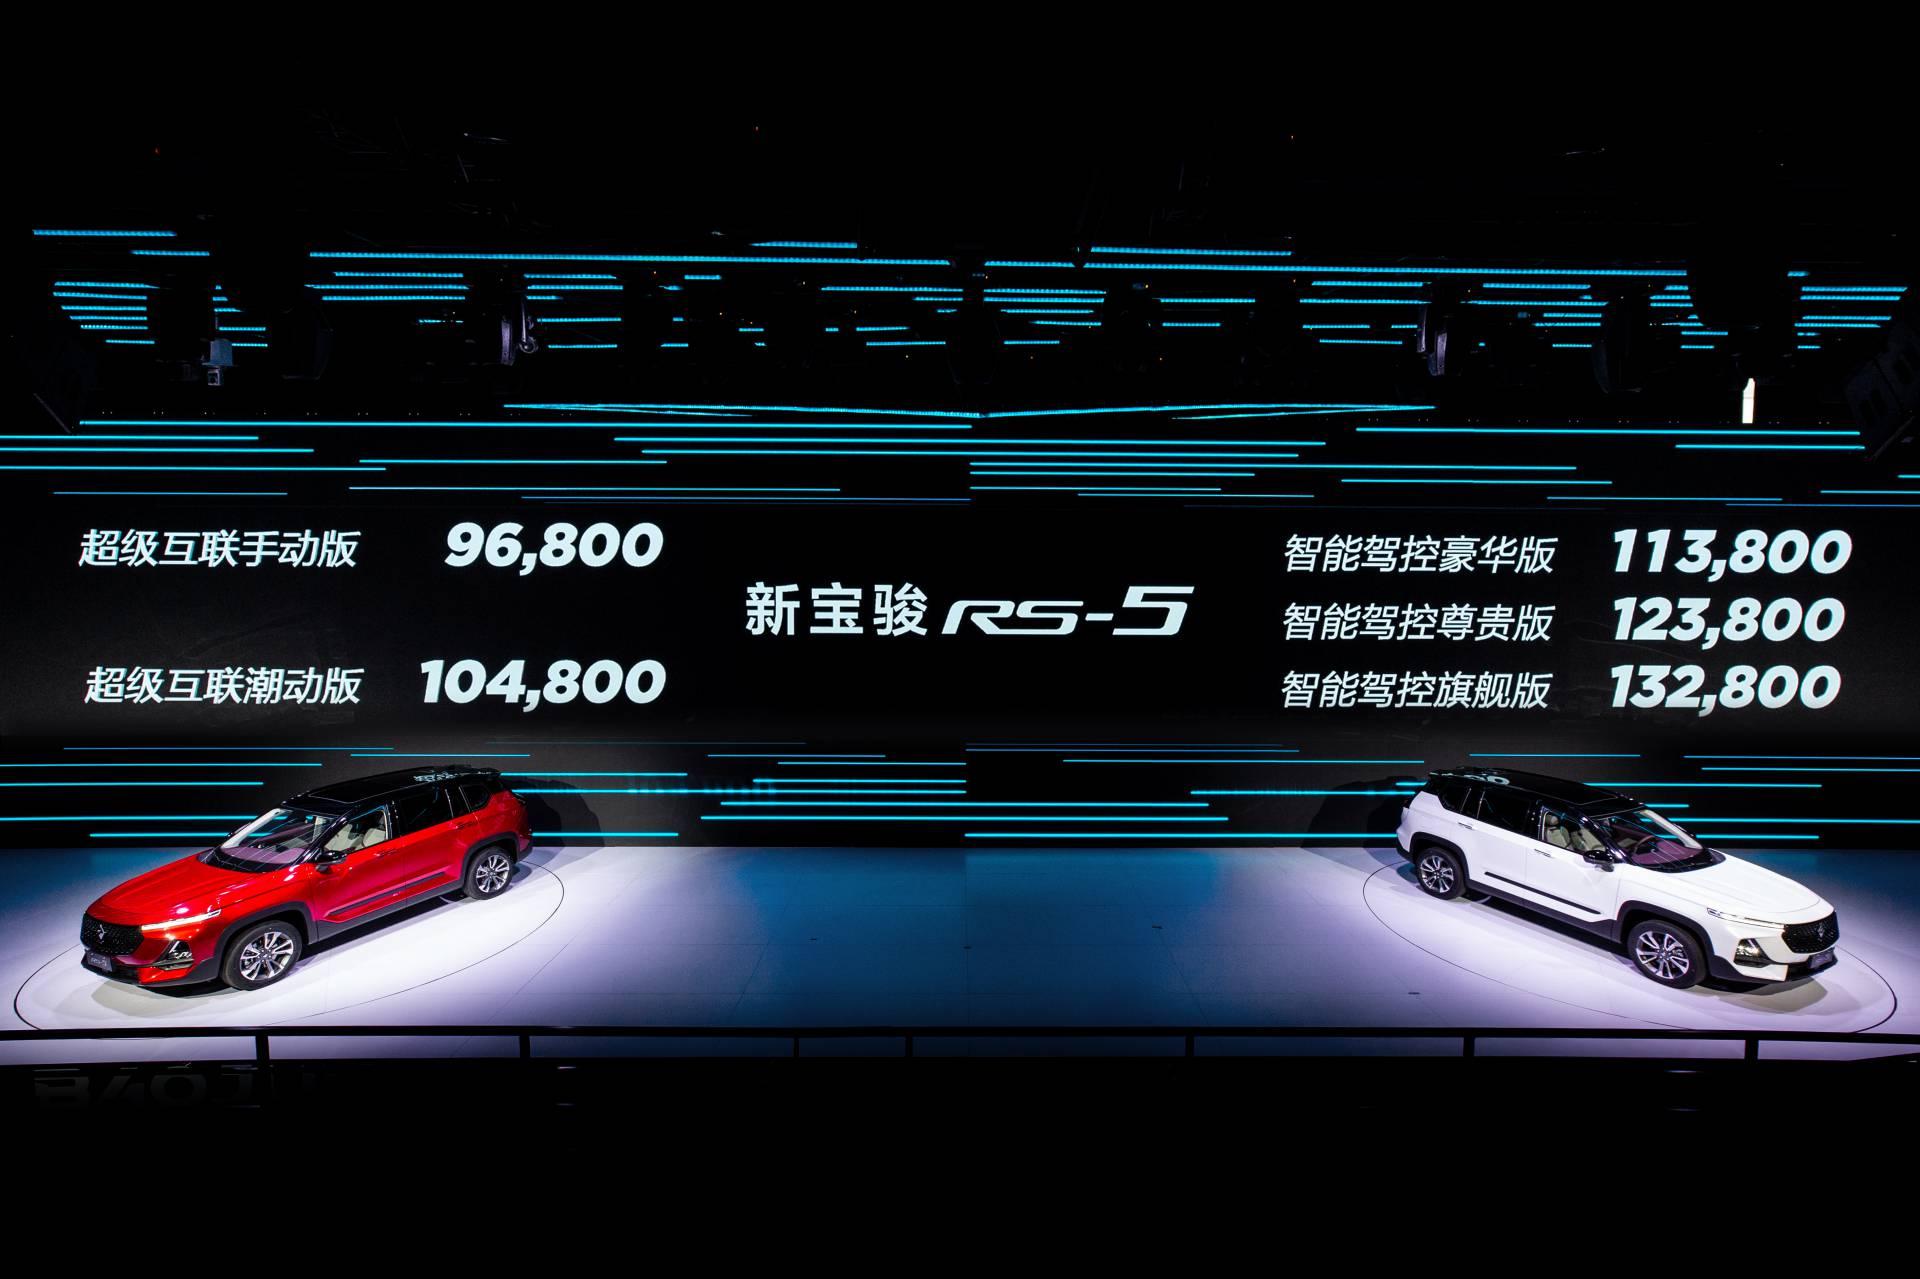 Baojun-RS-5-and-RM-C-Concept-21